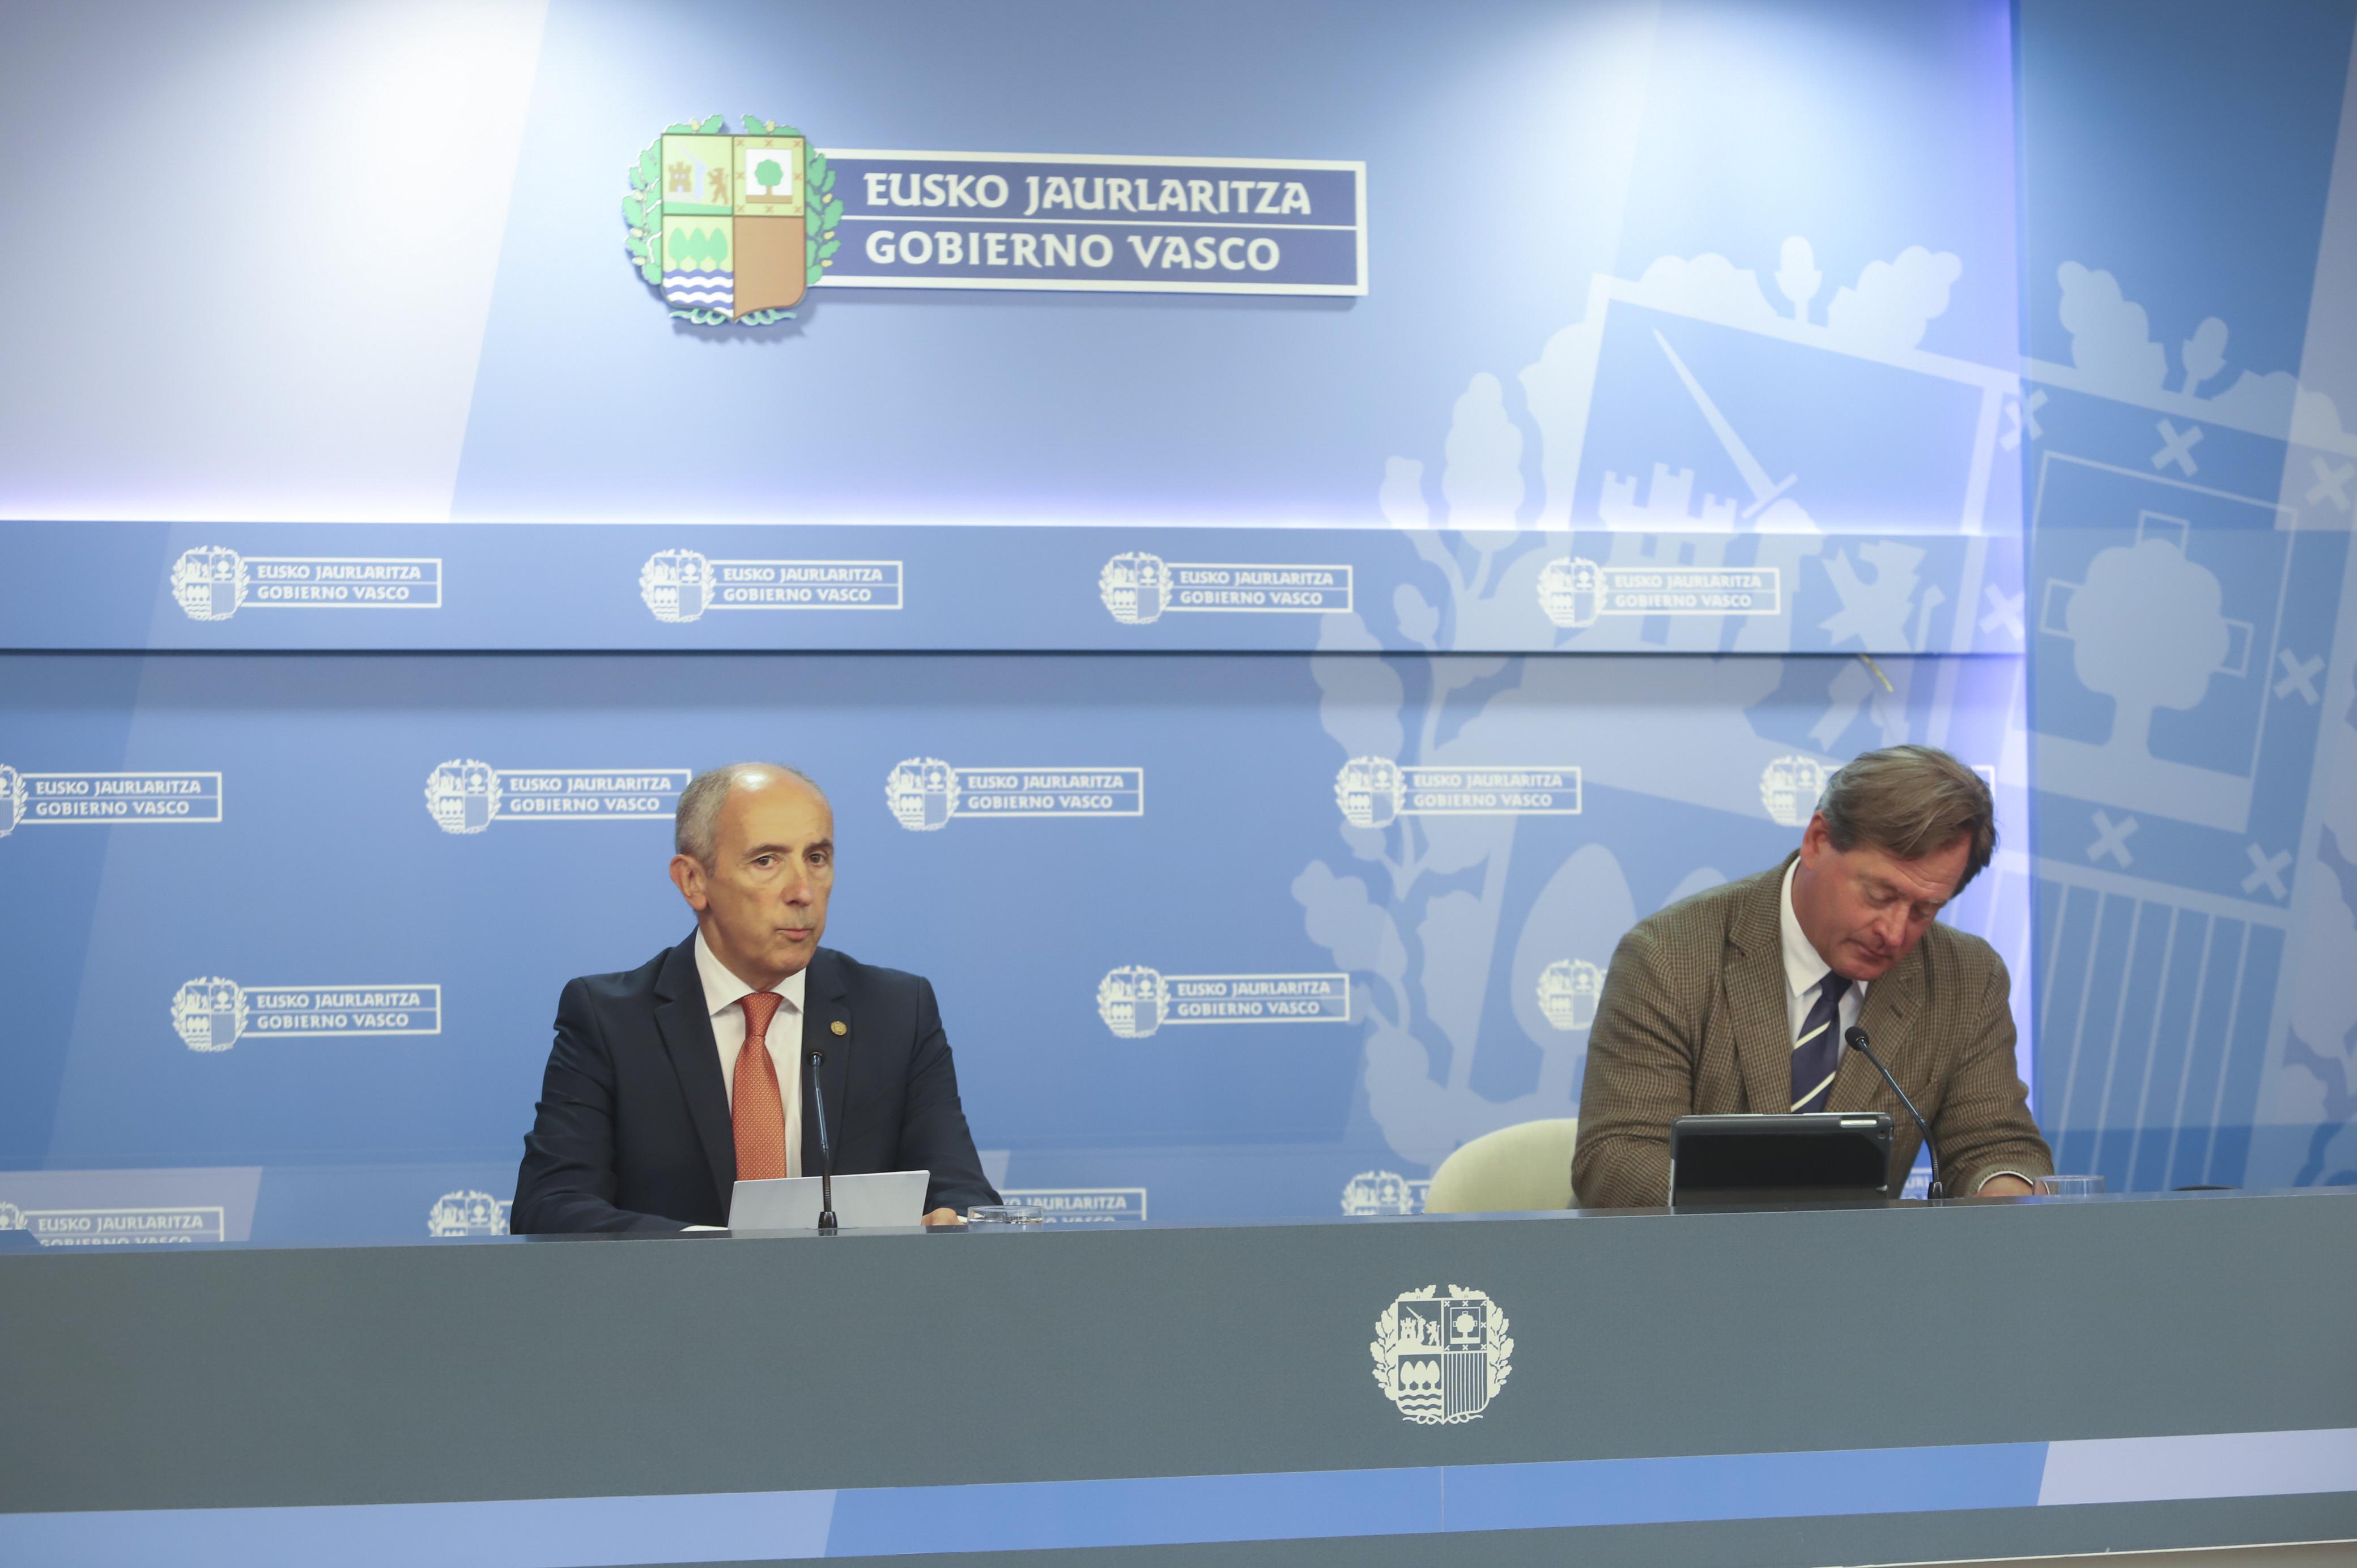 El Gobierno Vasco celebra que haya acuerdo de gobernabilidad en Navarra